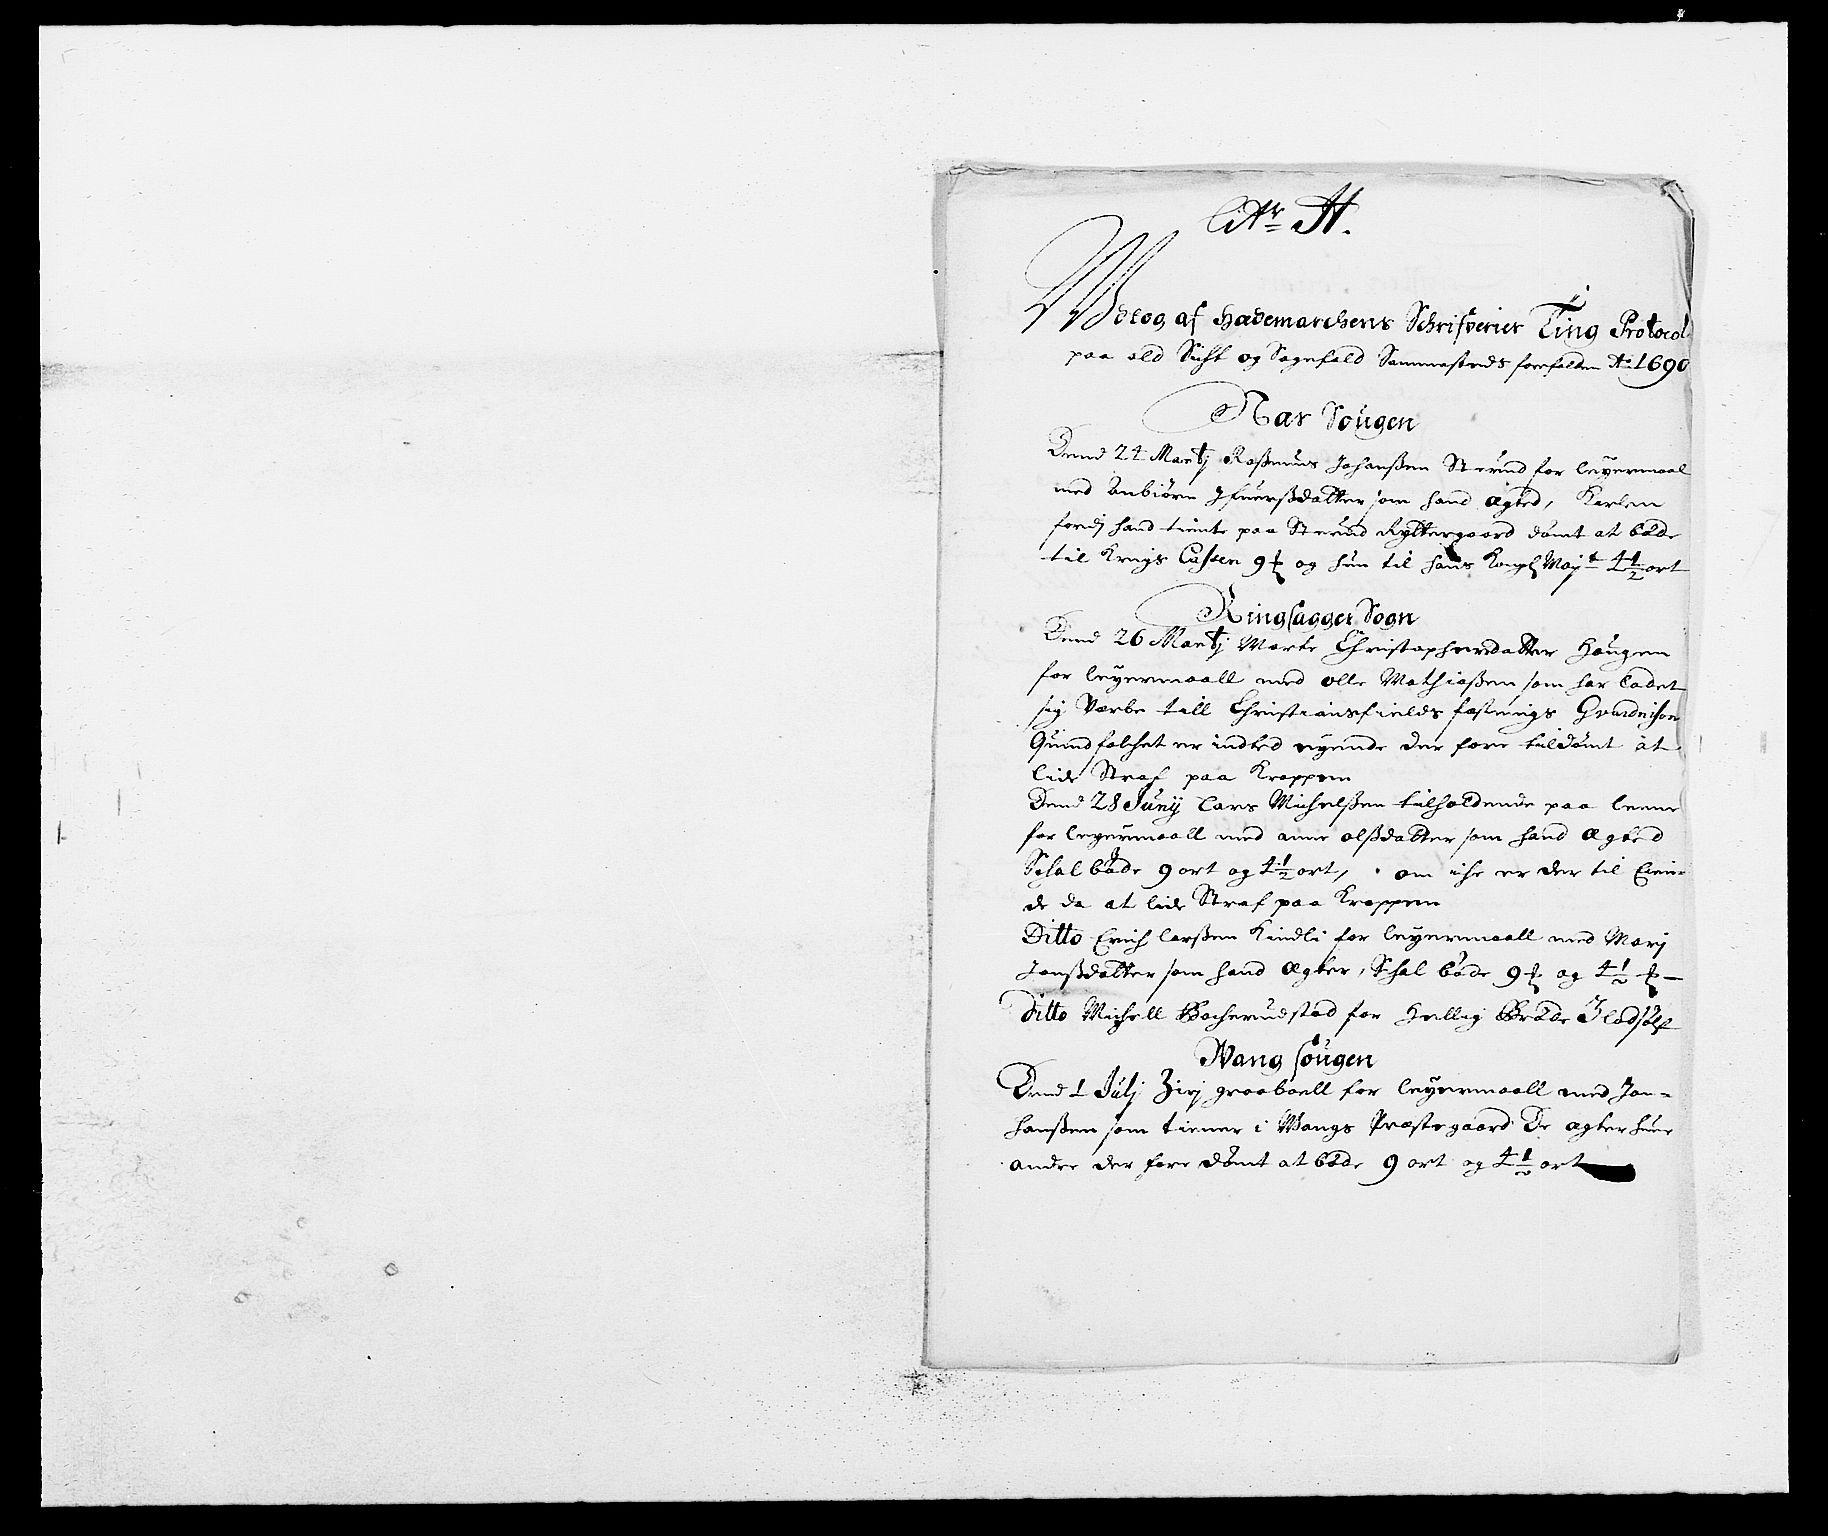 RA, Rentekammeret inntil 1814, Reviderte regnskaper, Fogderegnskap, R16/L1030: Fogderegnskap Hedmark, 1689-1691, s. 247